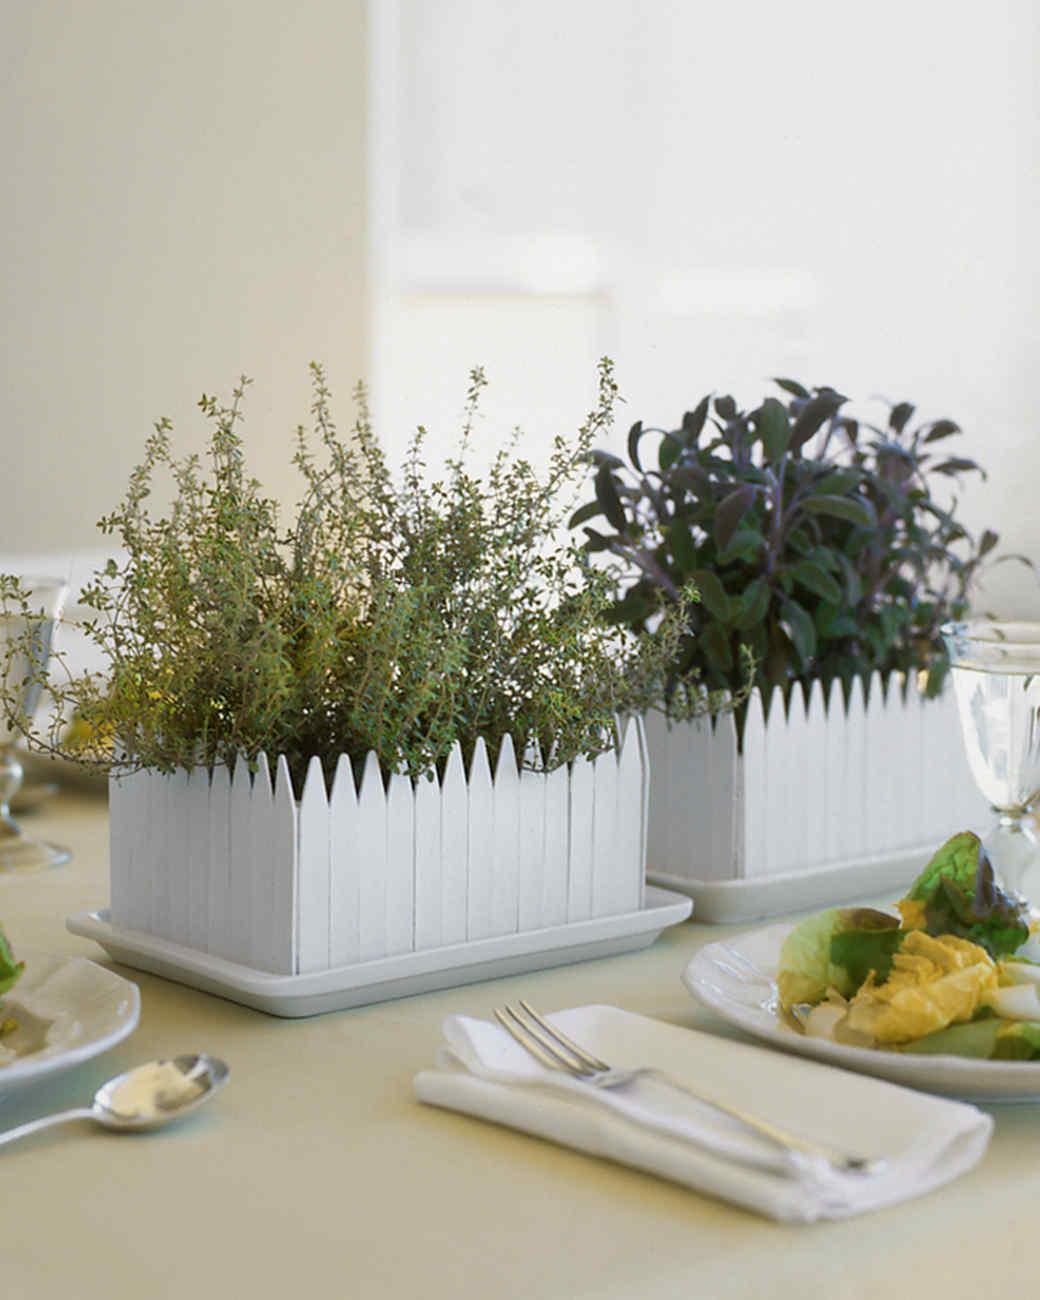 Herb-Garden Centerpiece